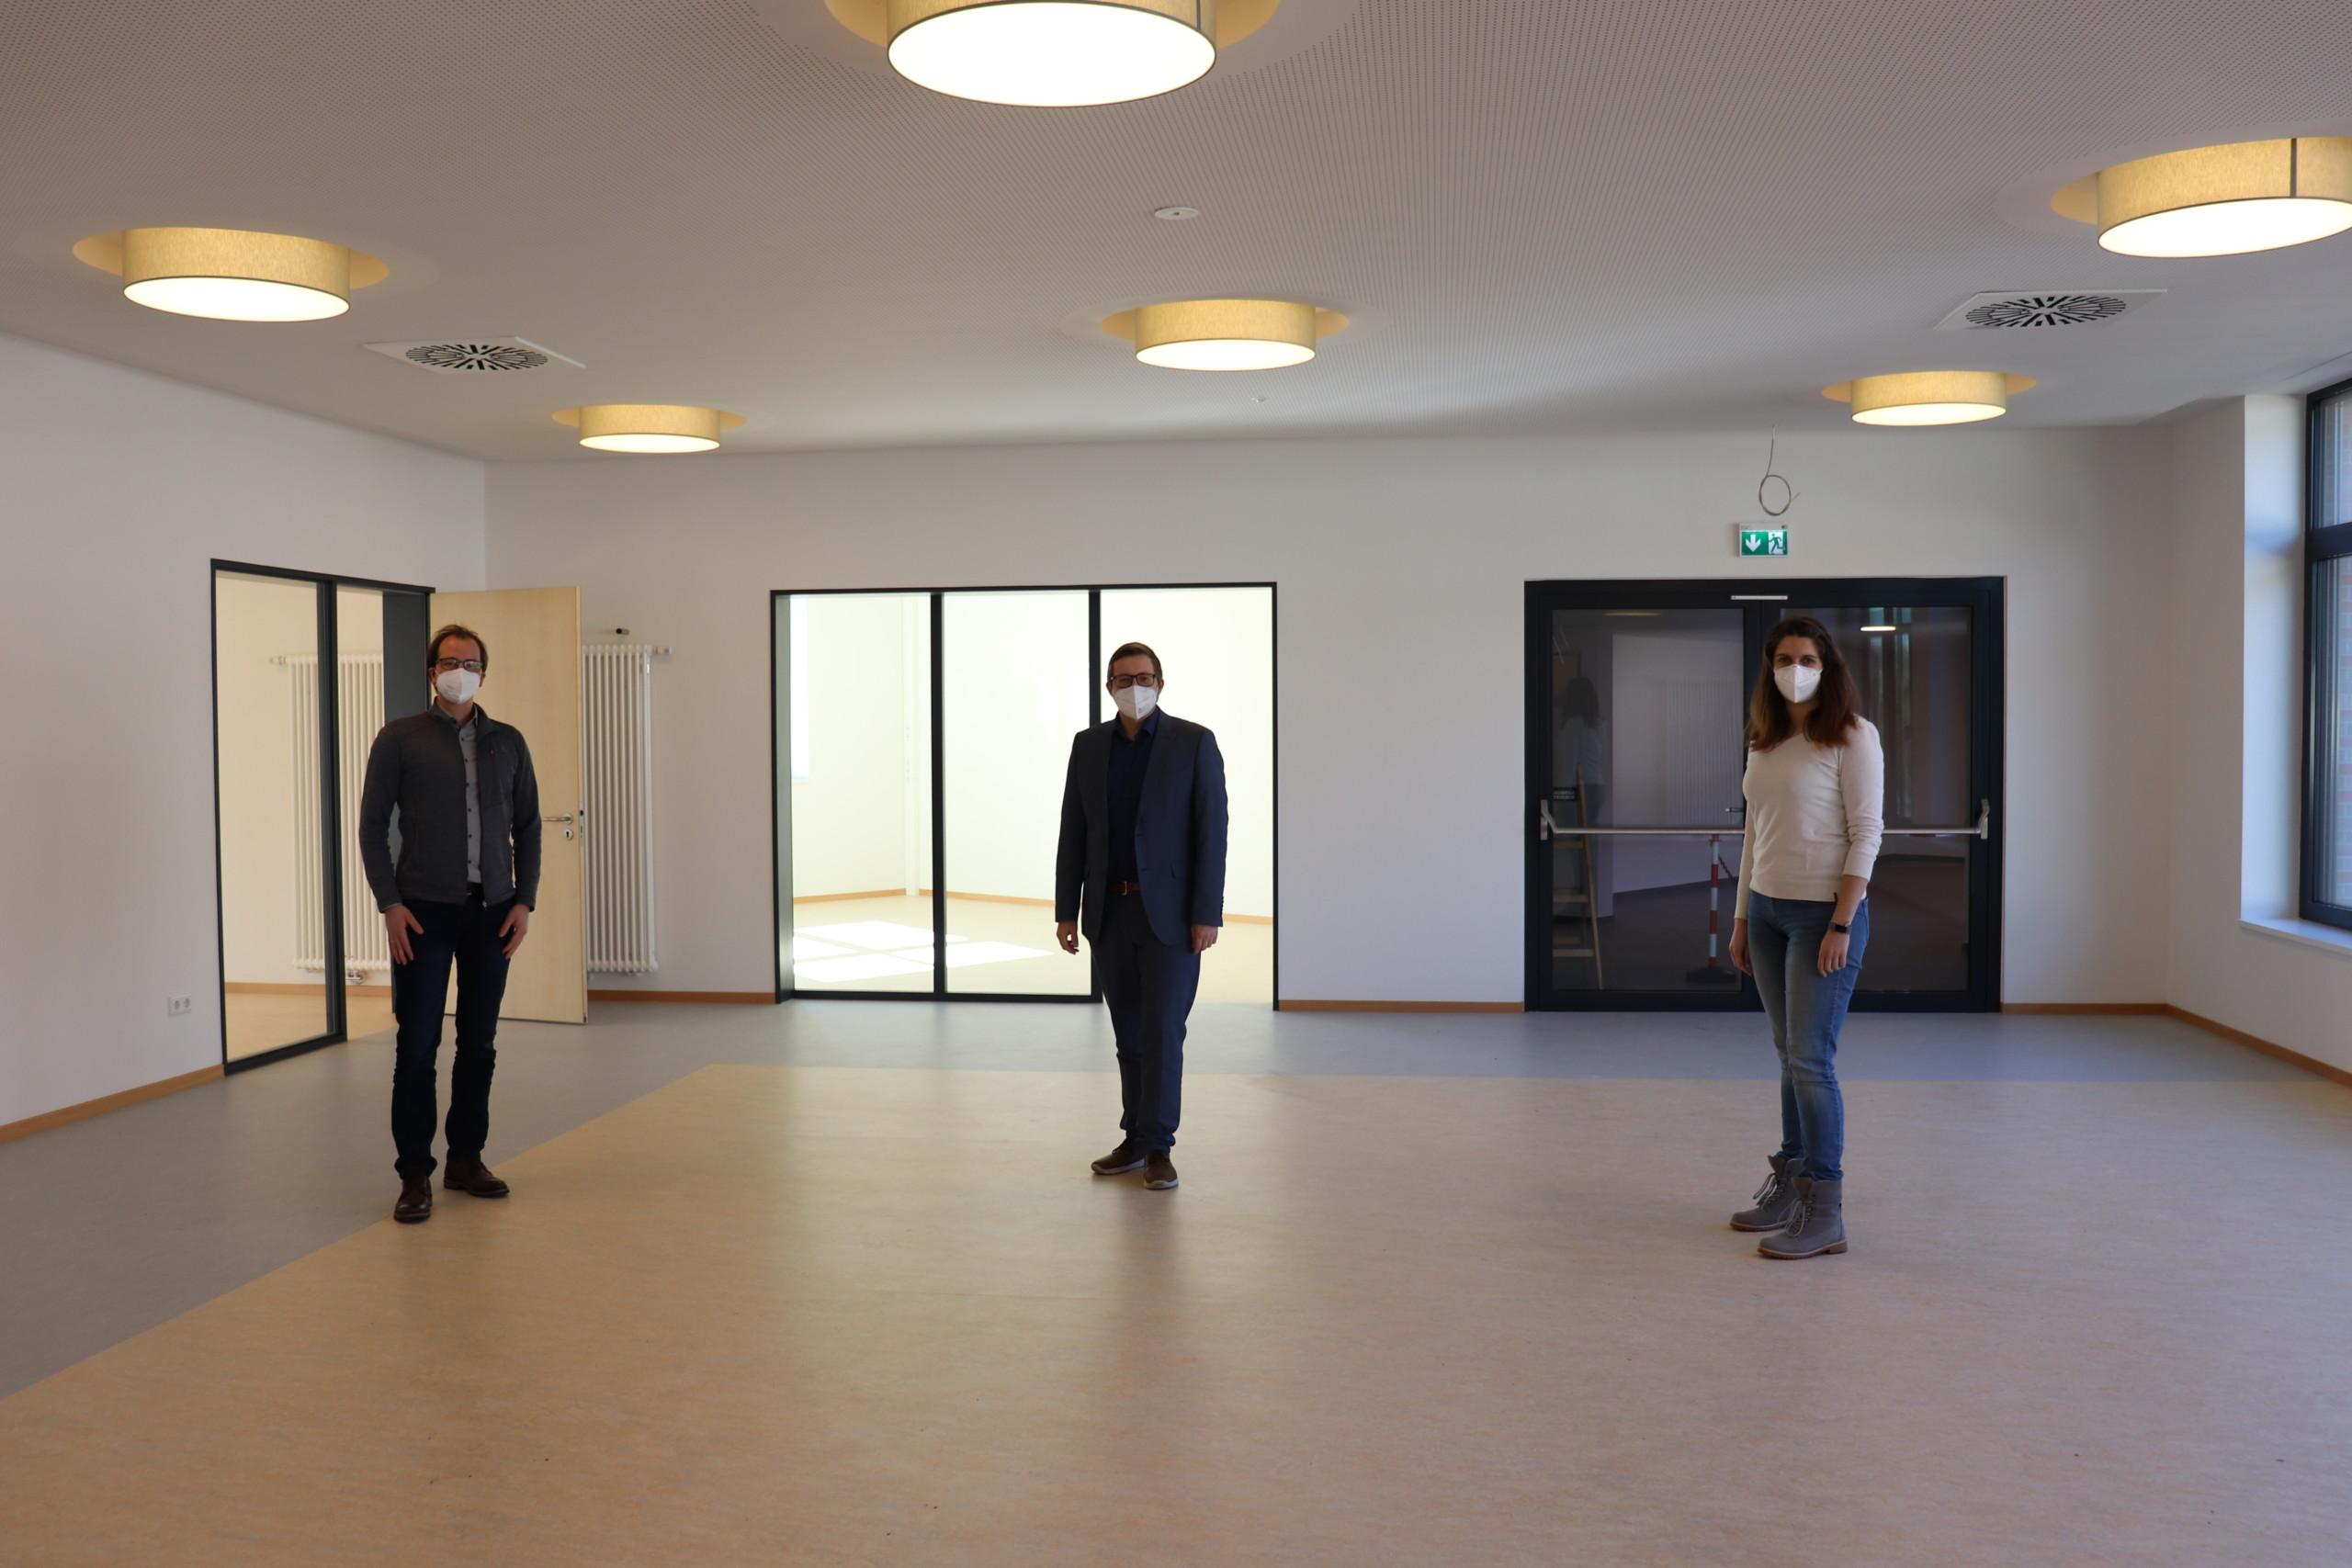 Bürgermeister Nils Anhuth (Mitte), Markus Wiechmann und Maja Peters, beide vom Bauamt der Gemeinde, besichtigten den neuen Anbau der Marienschule. Sie stehen im offenen Differenzierungsraum. Aufnahme: Wlodarczyk/Gemeinde Barßel